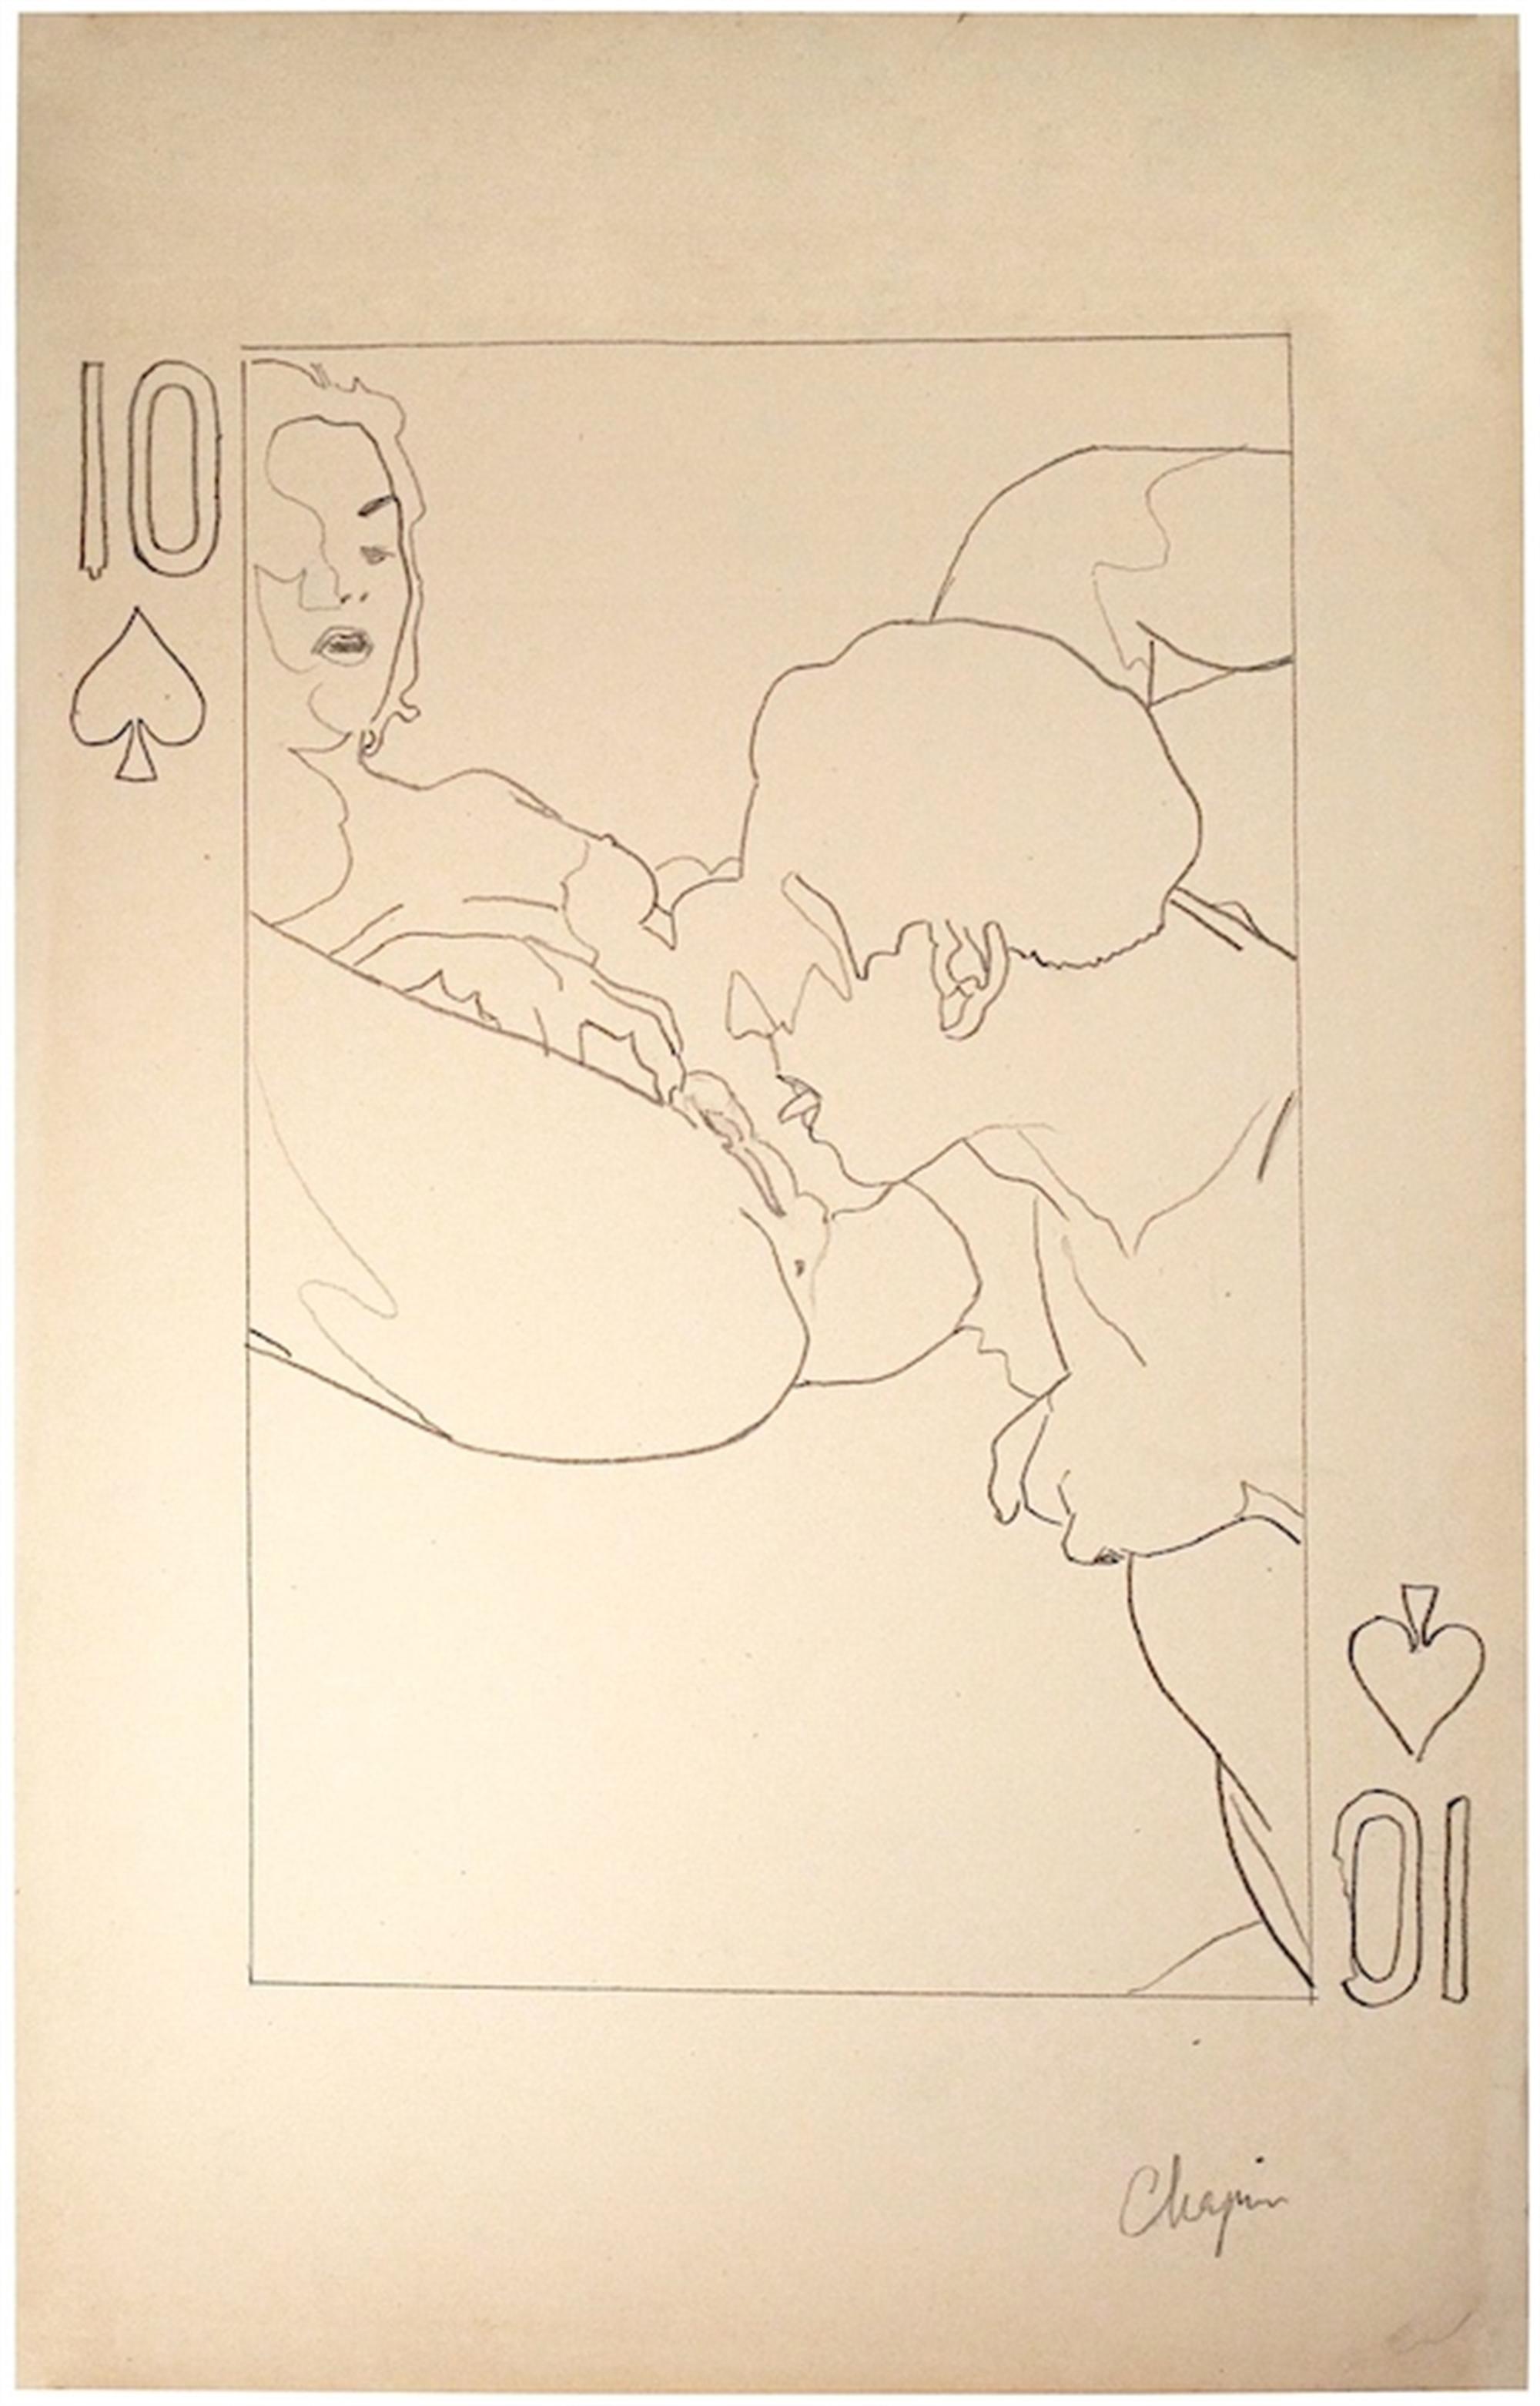 10 of Spades by David Chapin